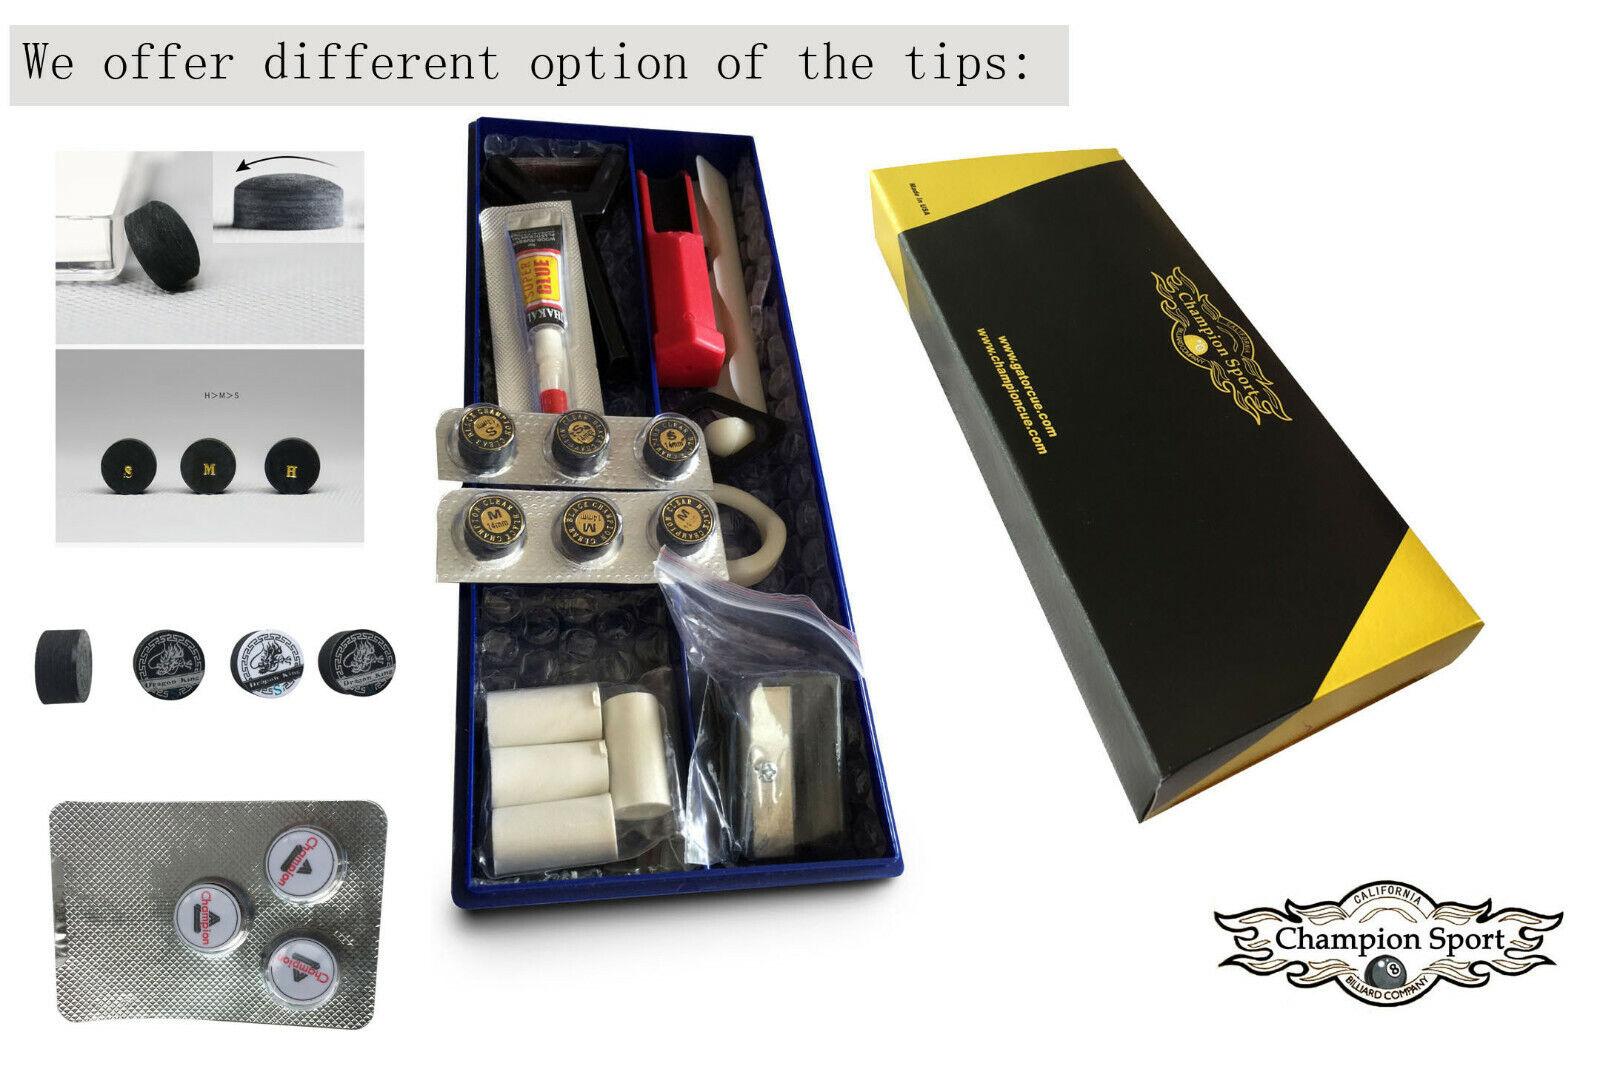 Premium Pool Cue Repair Tip Kit-1 Tip Clamp, 2 Cue Tip Shape